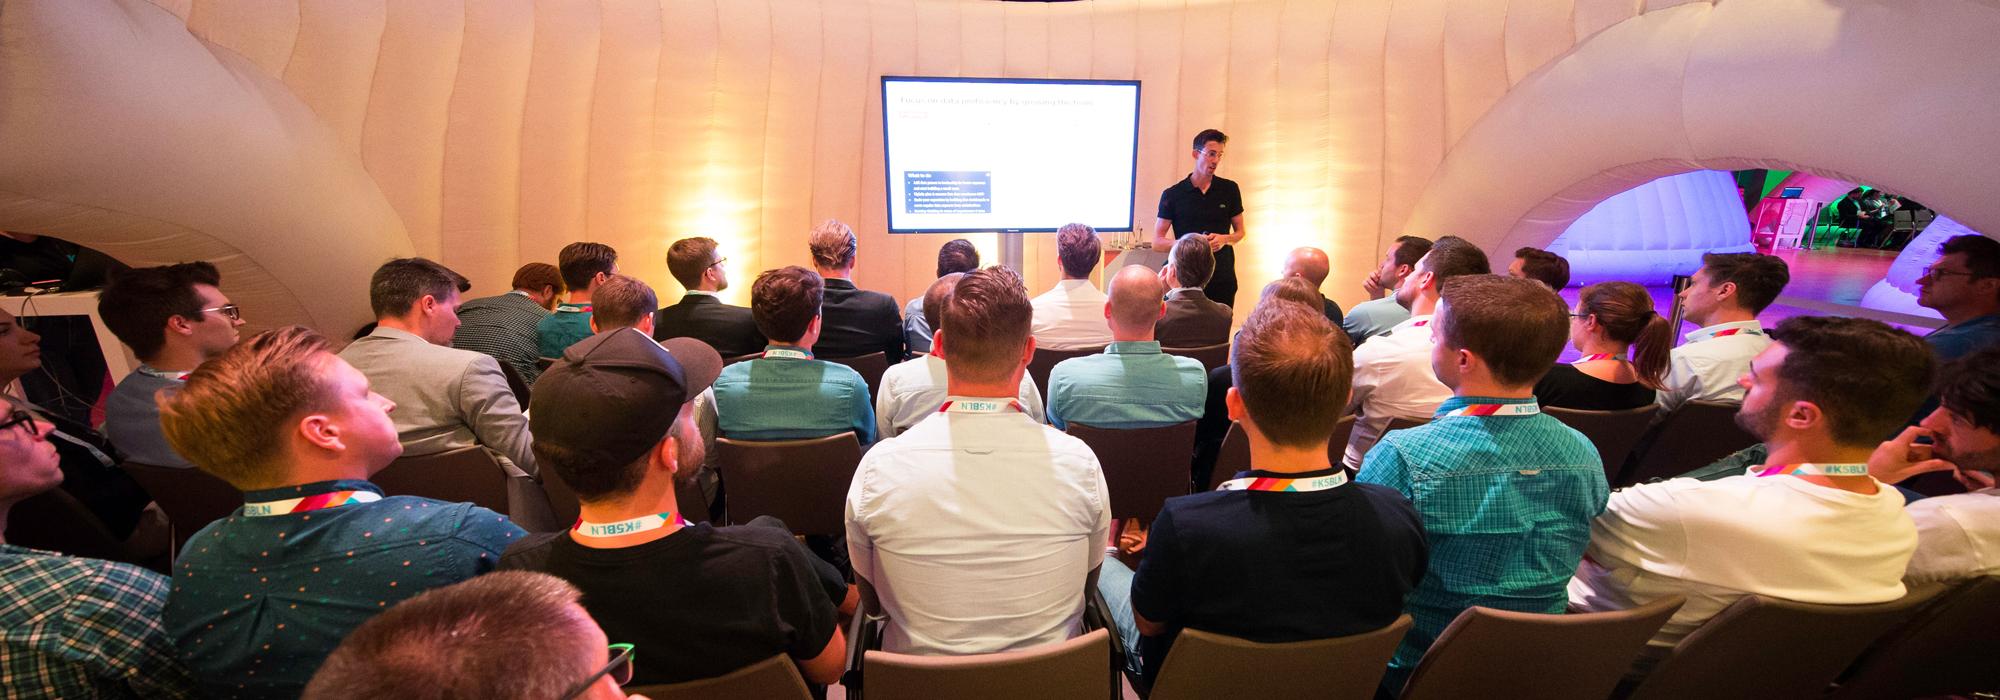 Vortrag mit viel Publikum